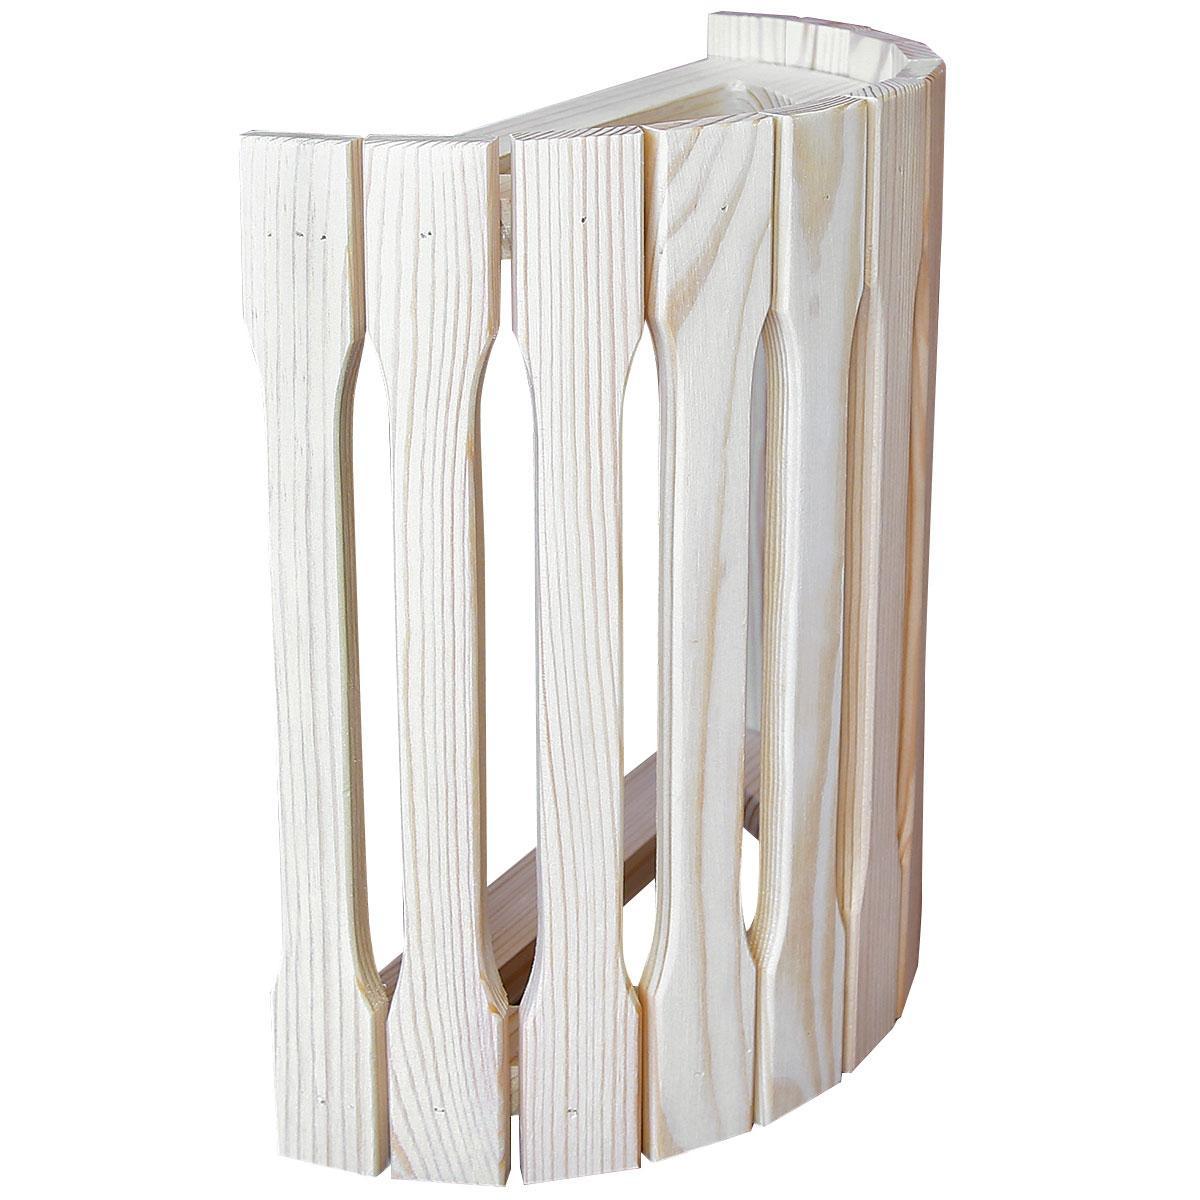 Абажур деревянный для бани и сауны, настенный